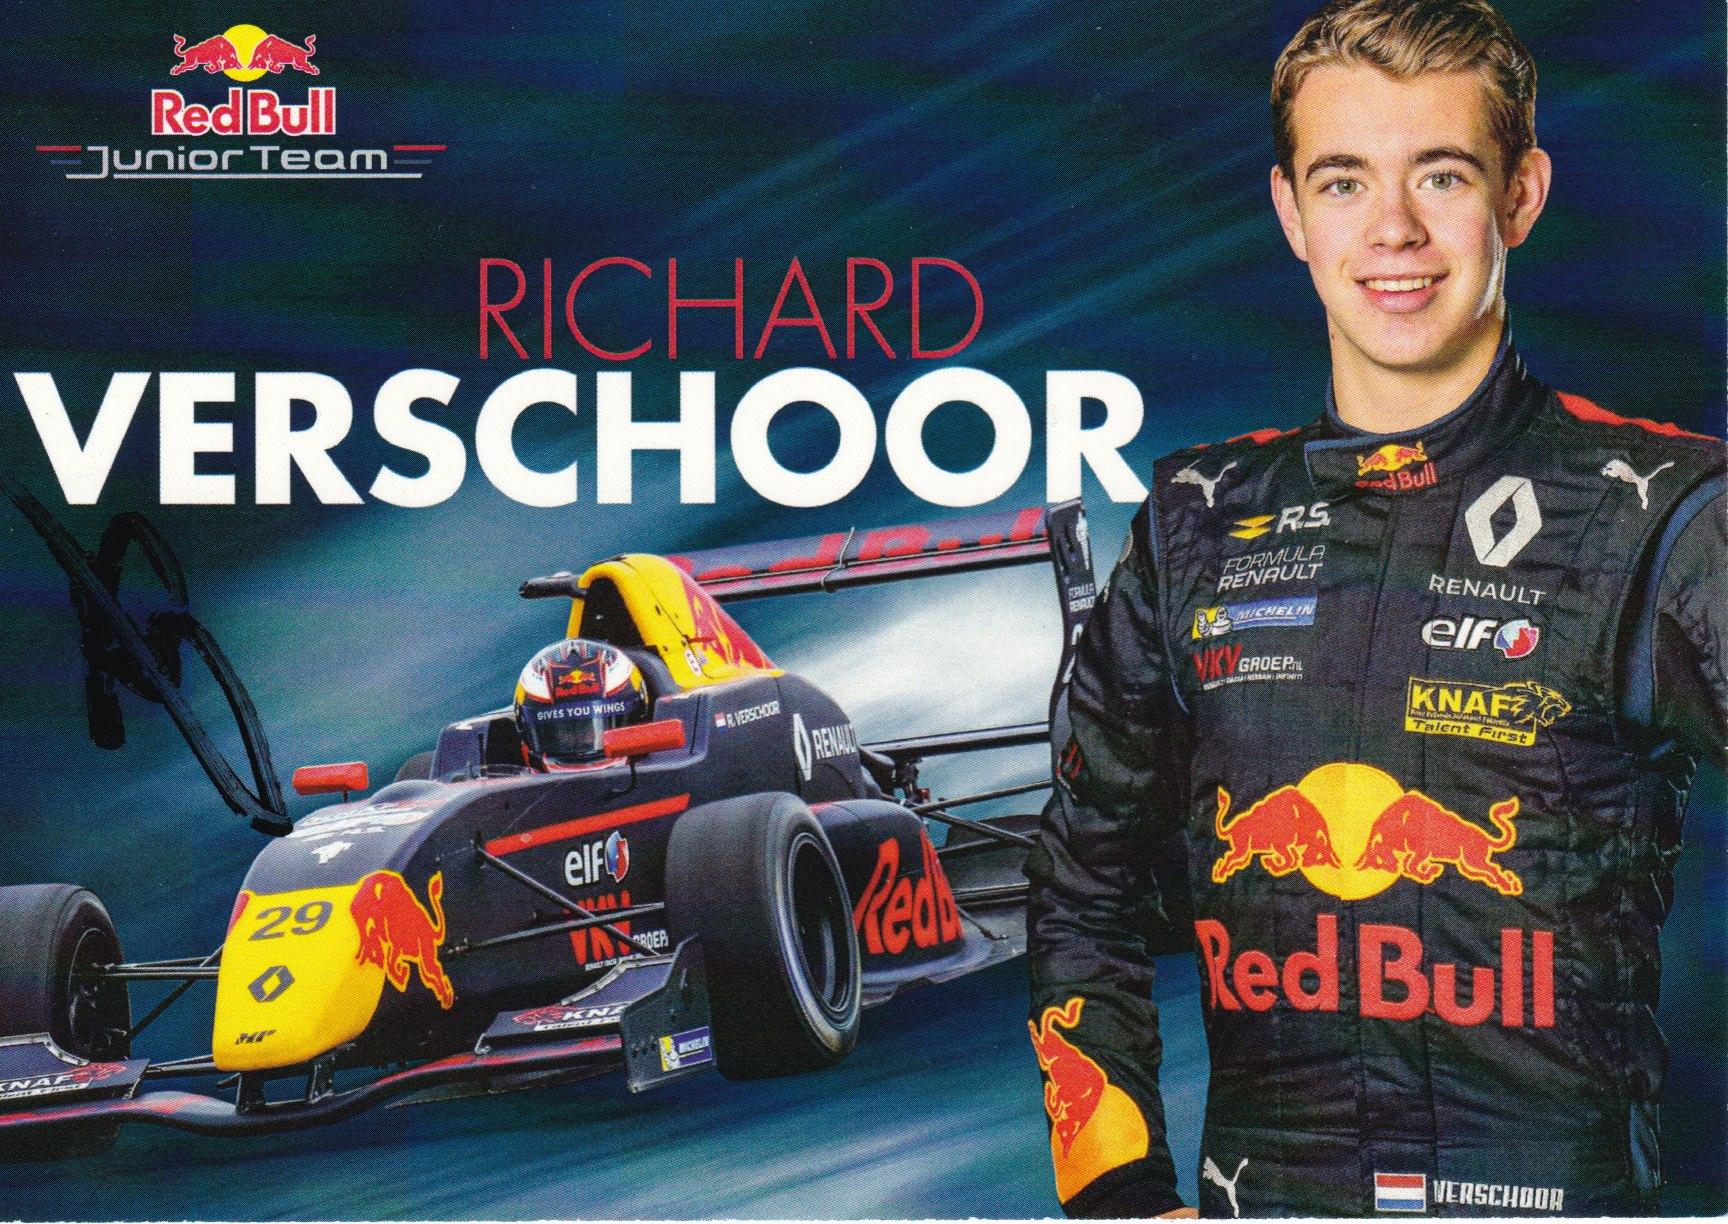 Richard Veschoor Red Bull Junior Team 2017